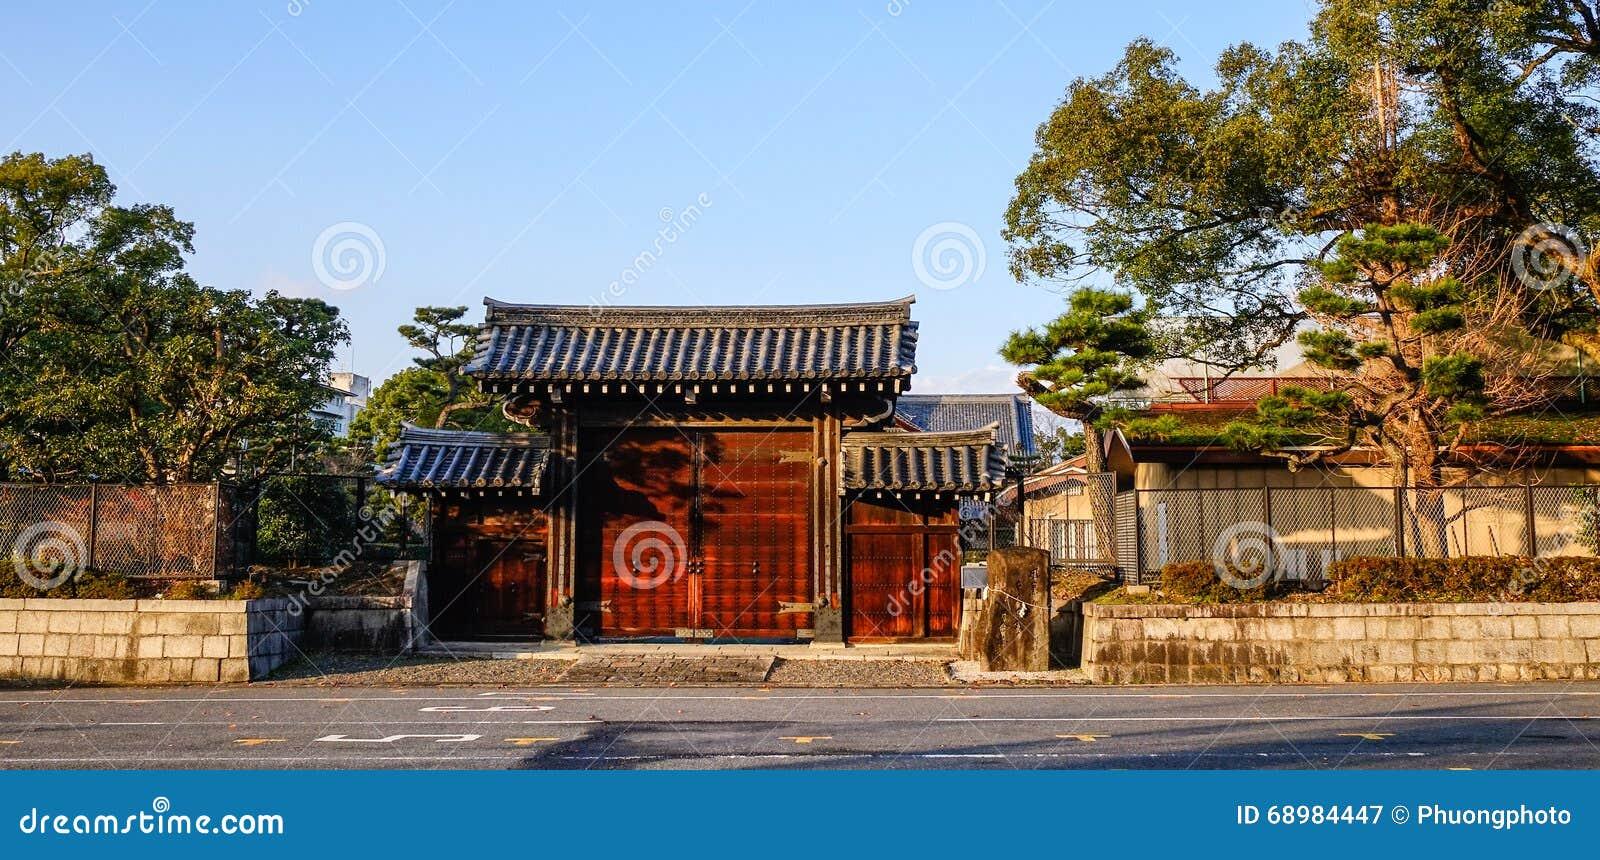 Portone di legno del santuario shintoista a Kyoto